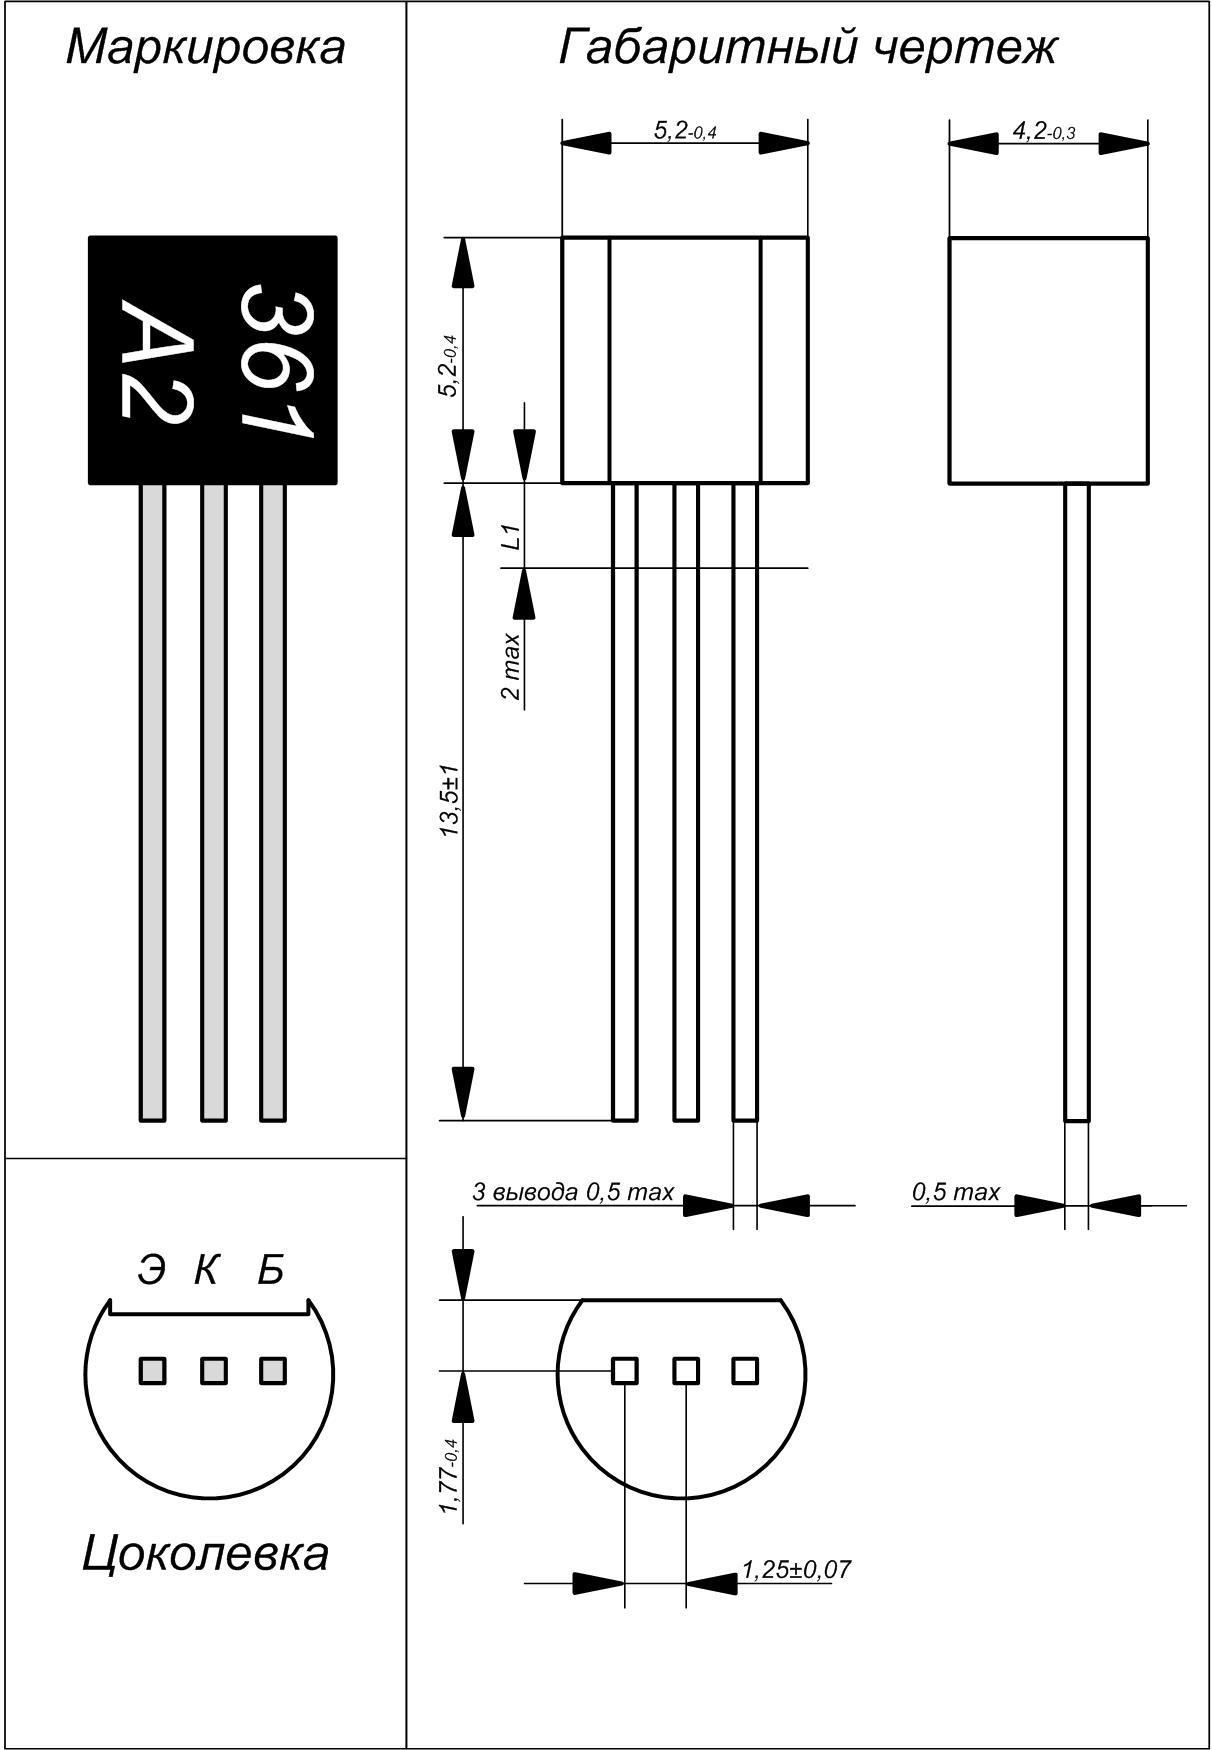 Маркировка, цоколёвка и габаритные размеры транзистора КТ361-2 и КТ361-3